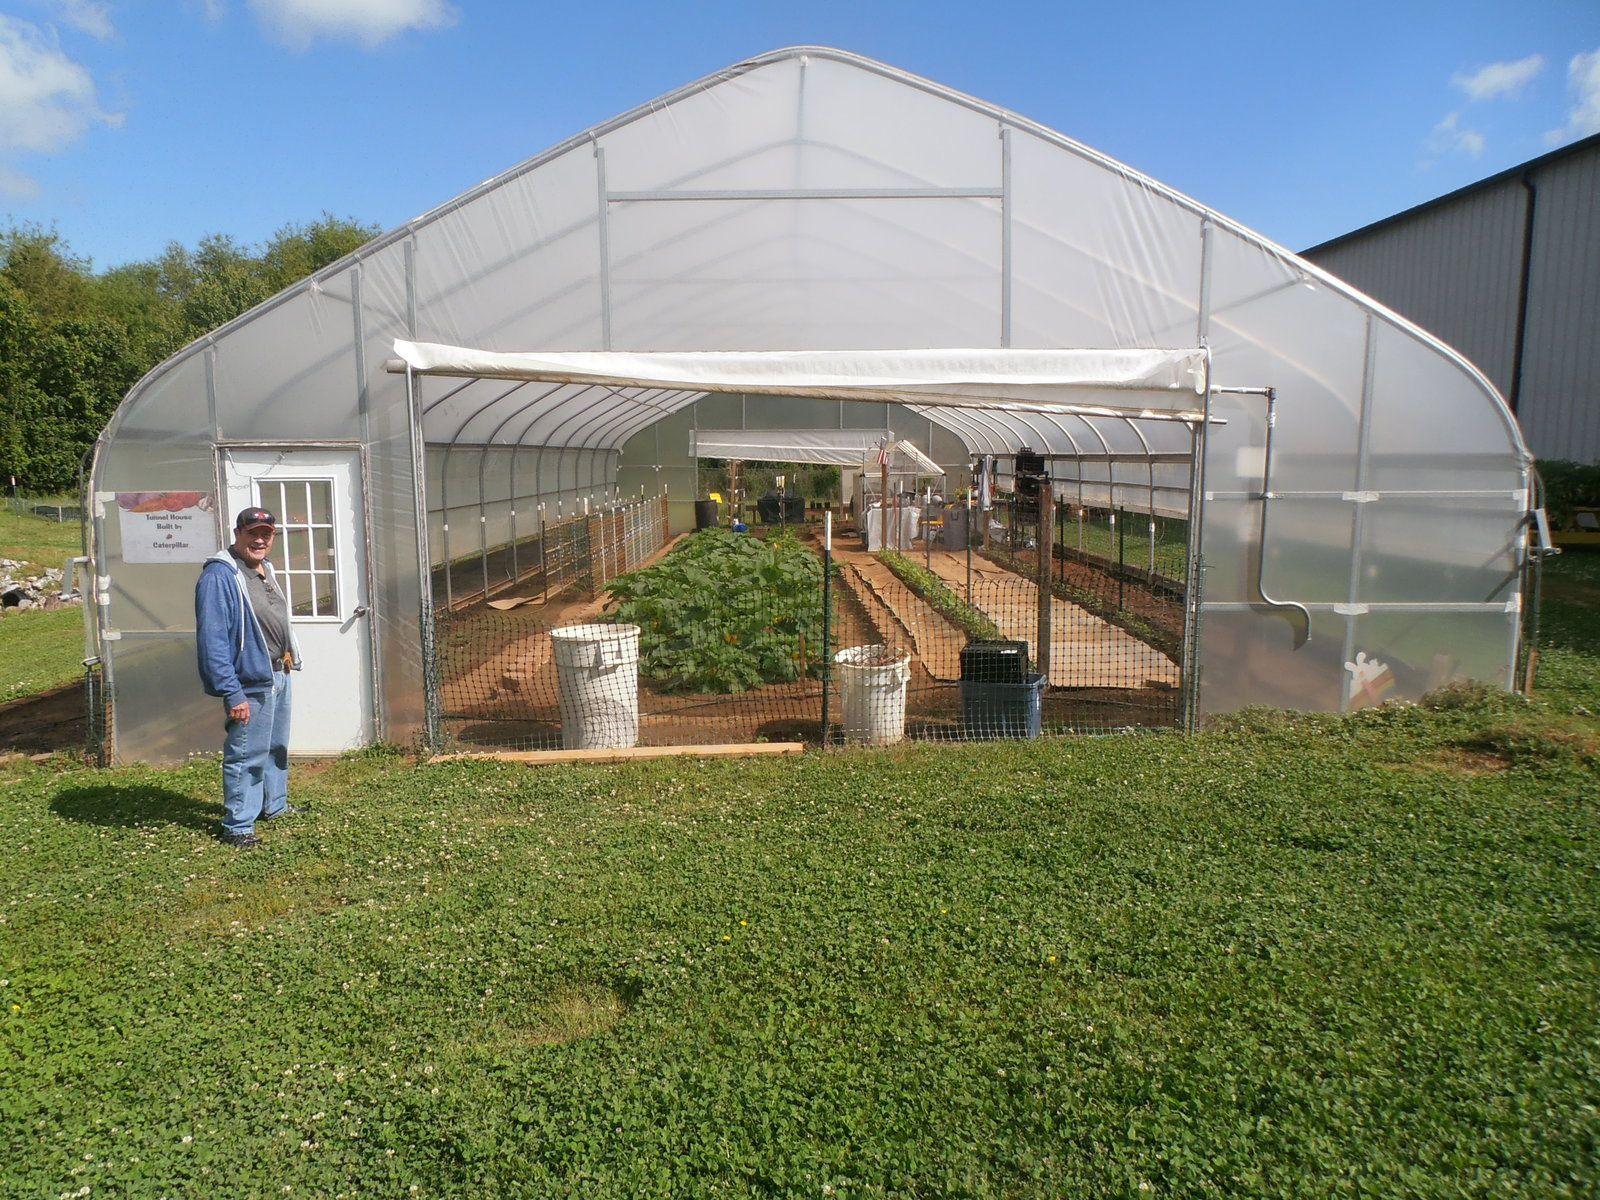 Pour la deuxième année, Food Bank va produire des légumes dans cette serre (don sous condition de produire une certaine quantité annuellement).